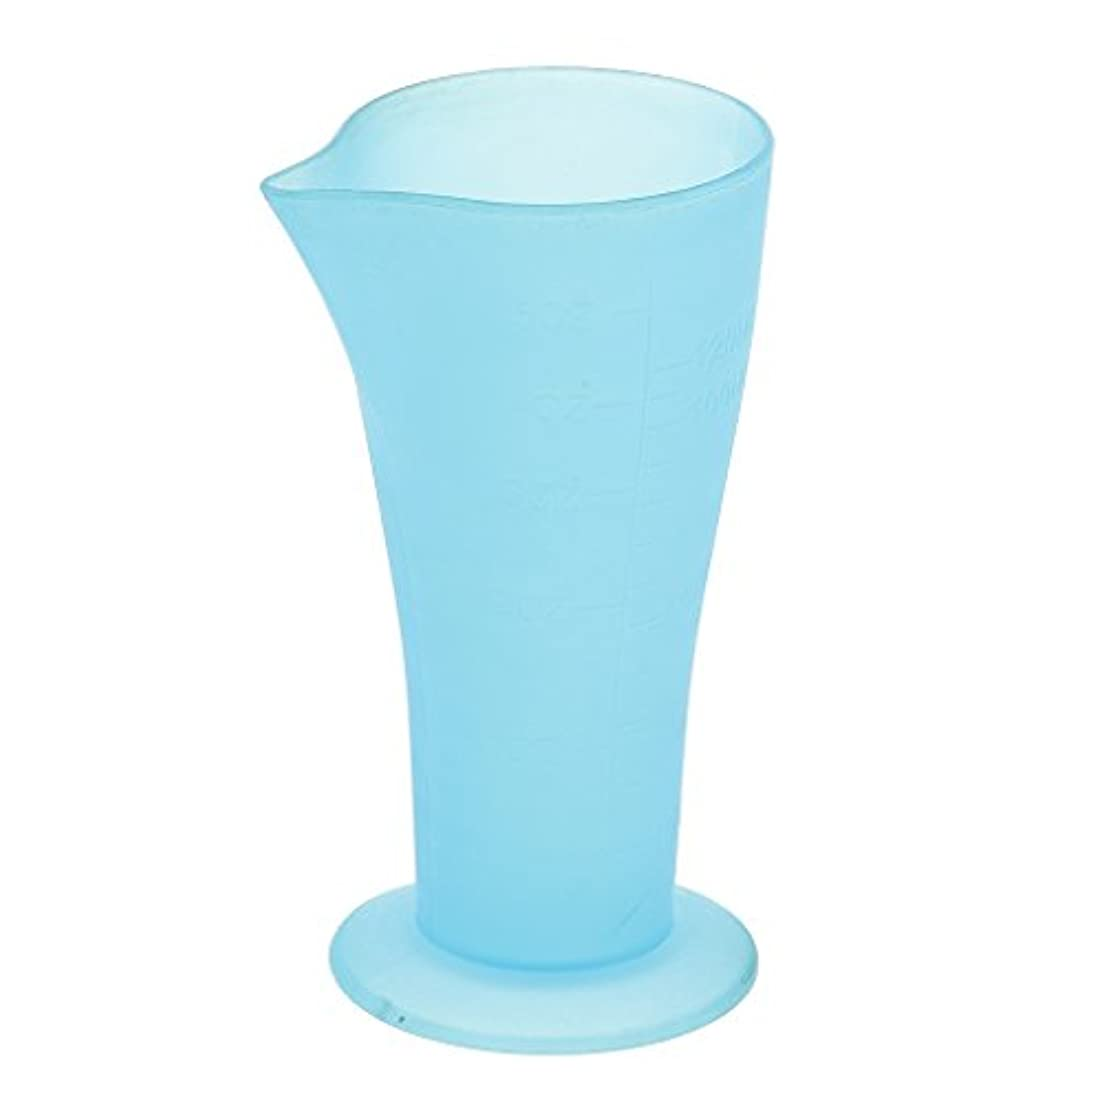 非常に怒っていますアラブ人口径Toygogo 再利用可能な耐久性のある120mL 5oZクリアブループラスチック製の計量用ビーカーカップ調理用ベーカリーキッチンラボサロン